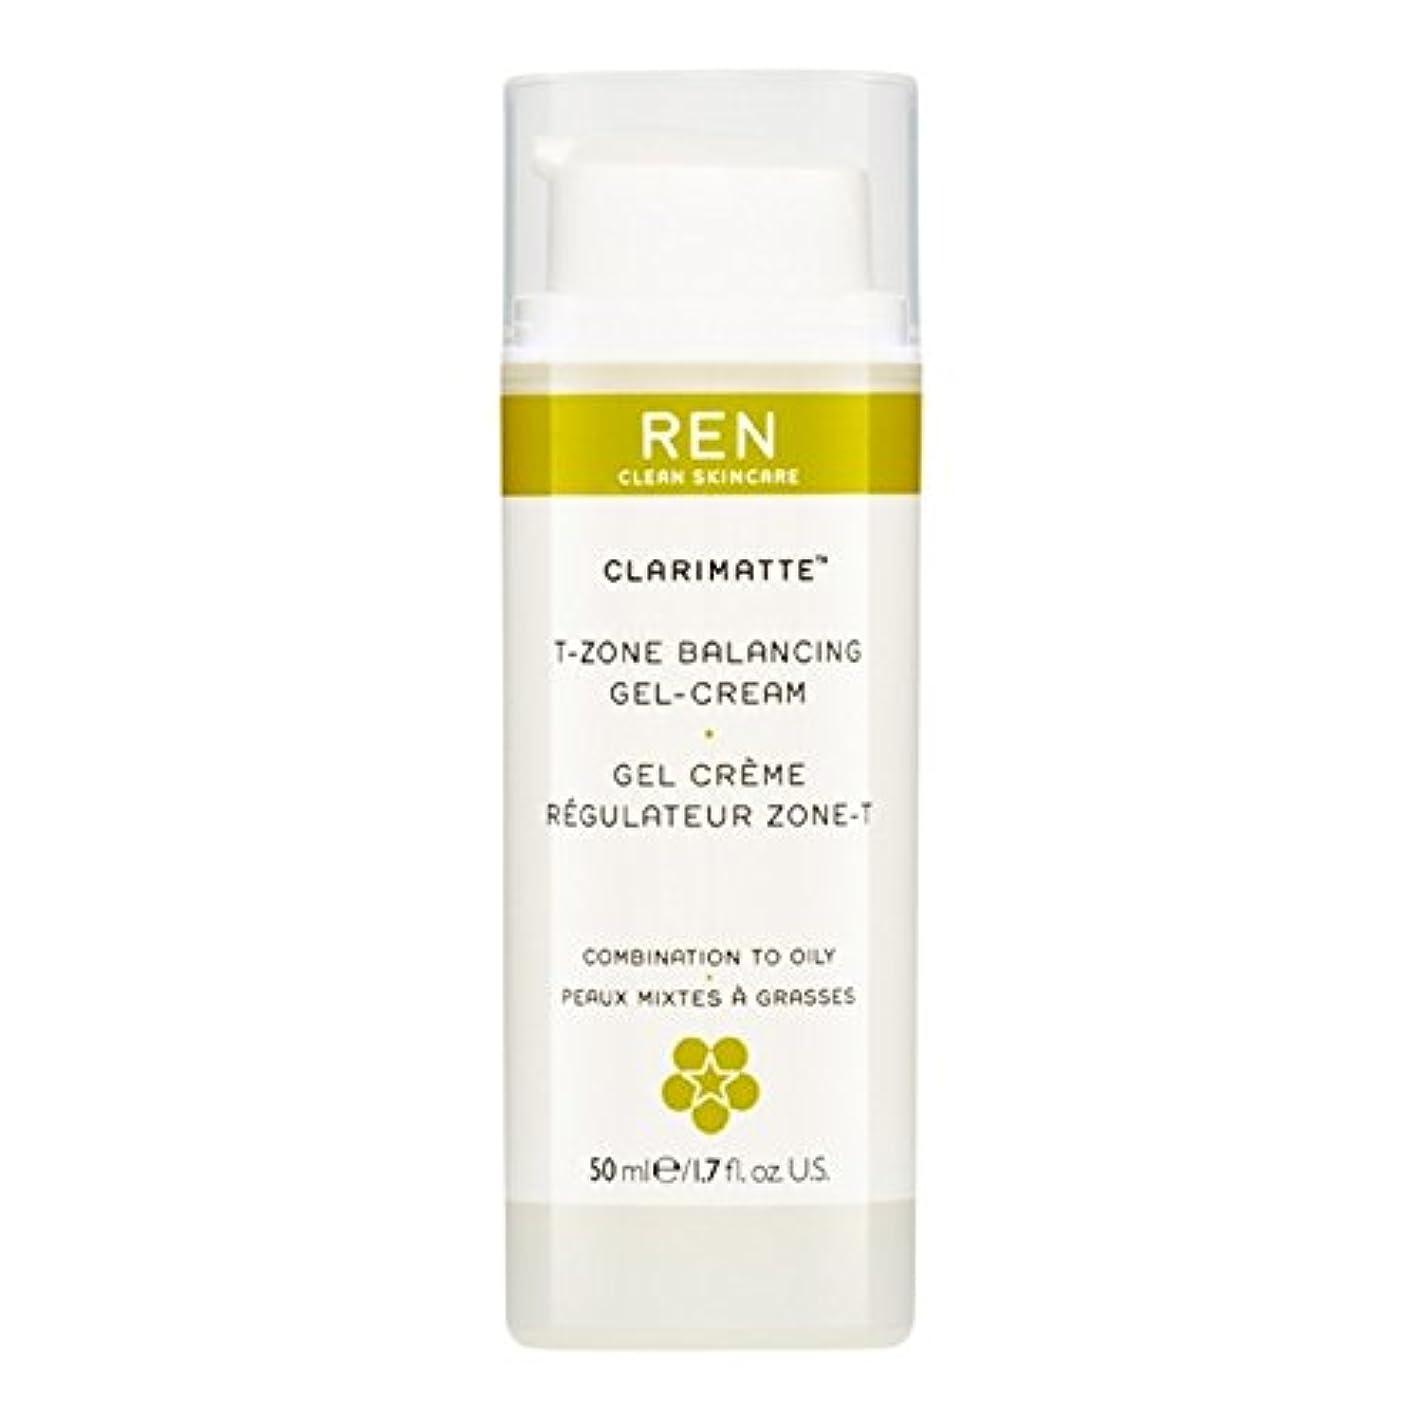 運河歩行者欠如Ren Clarimatte Tゾーンバランシングジェルクリーム、50ミリリットル (REN) - REN Clarimatte T-Zone Balancing Gel Cream, 50ml [並行輸入品]